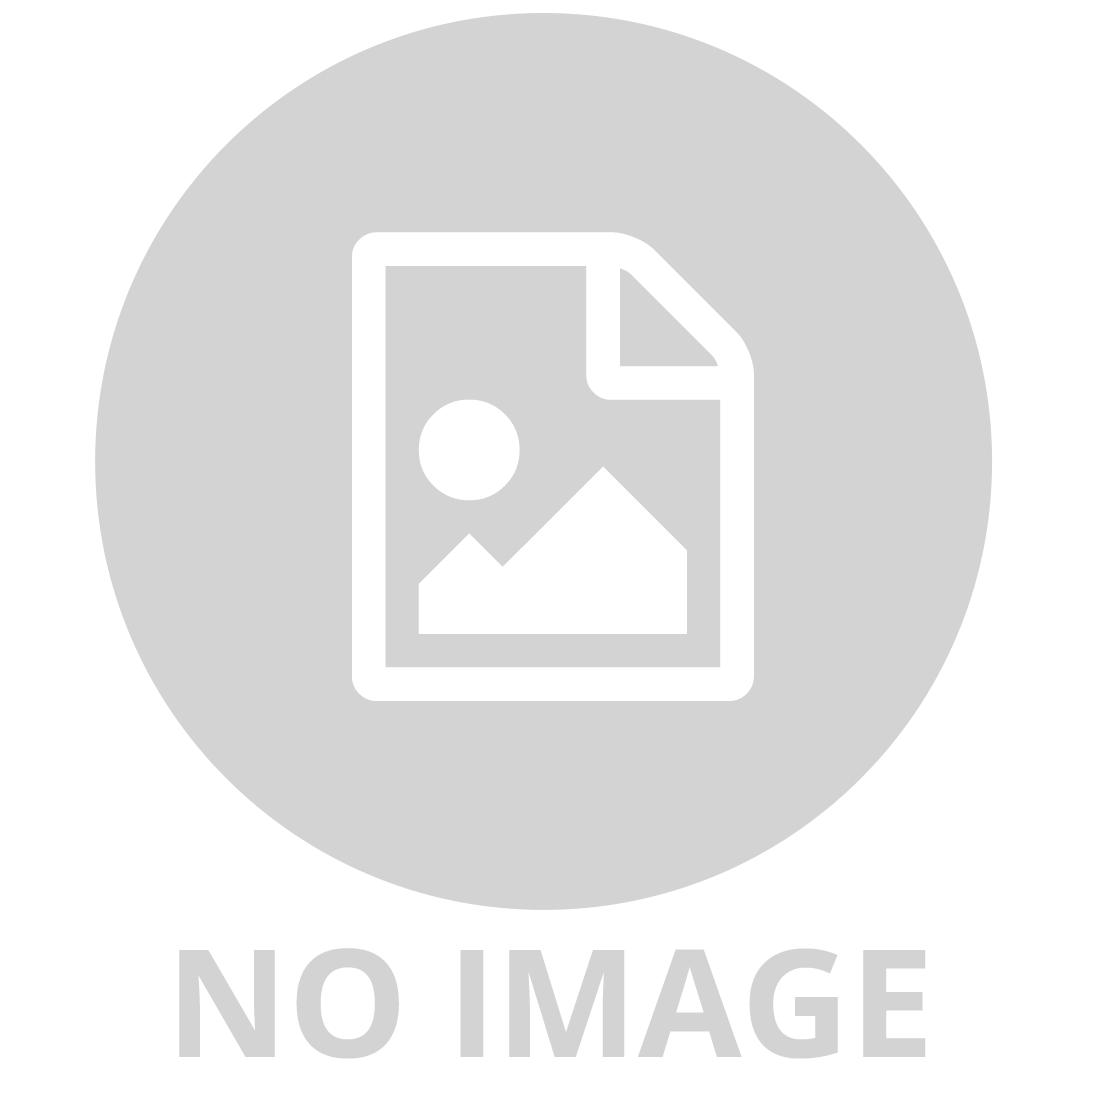 LEGO FRIENDS 41338 STEPHANIES SPORTS ARENA